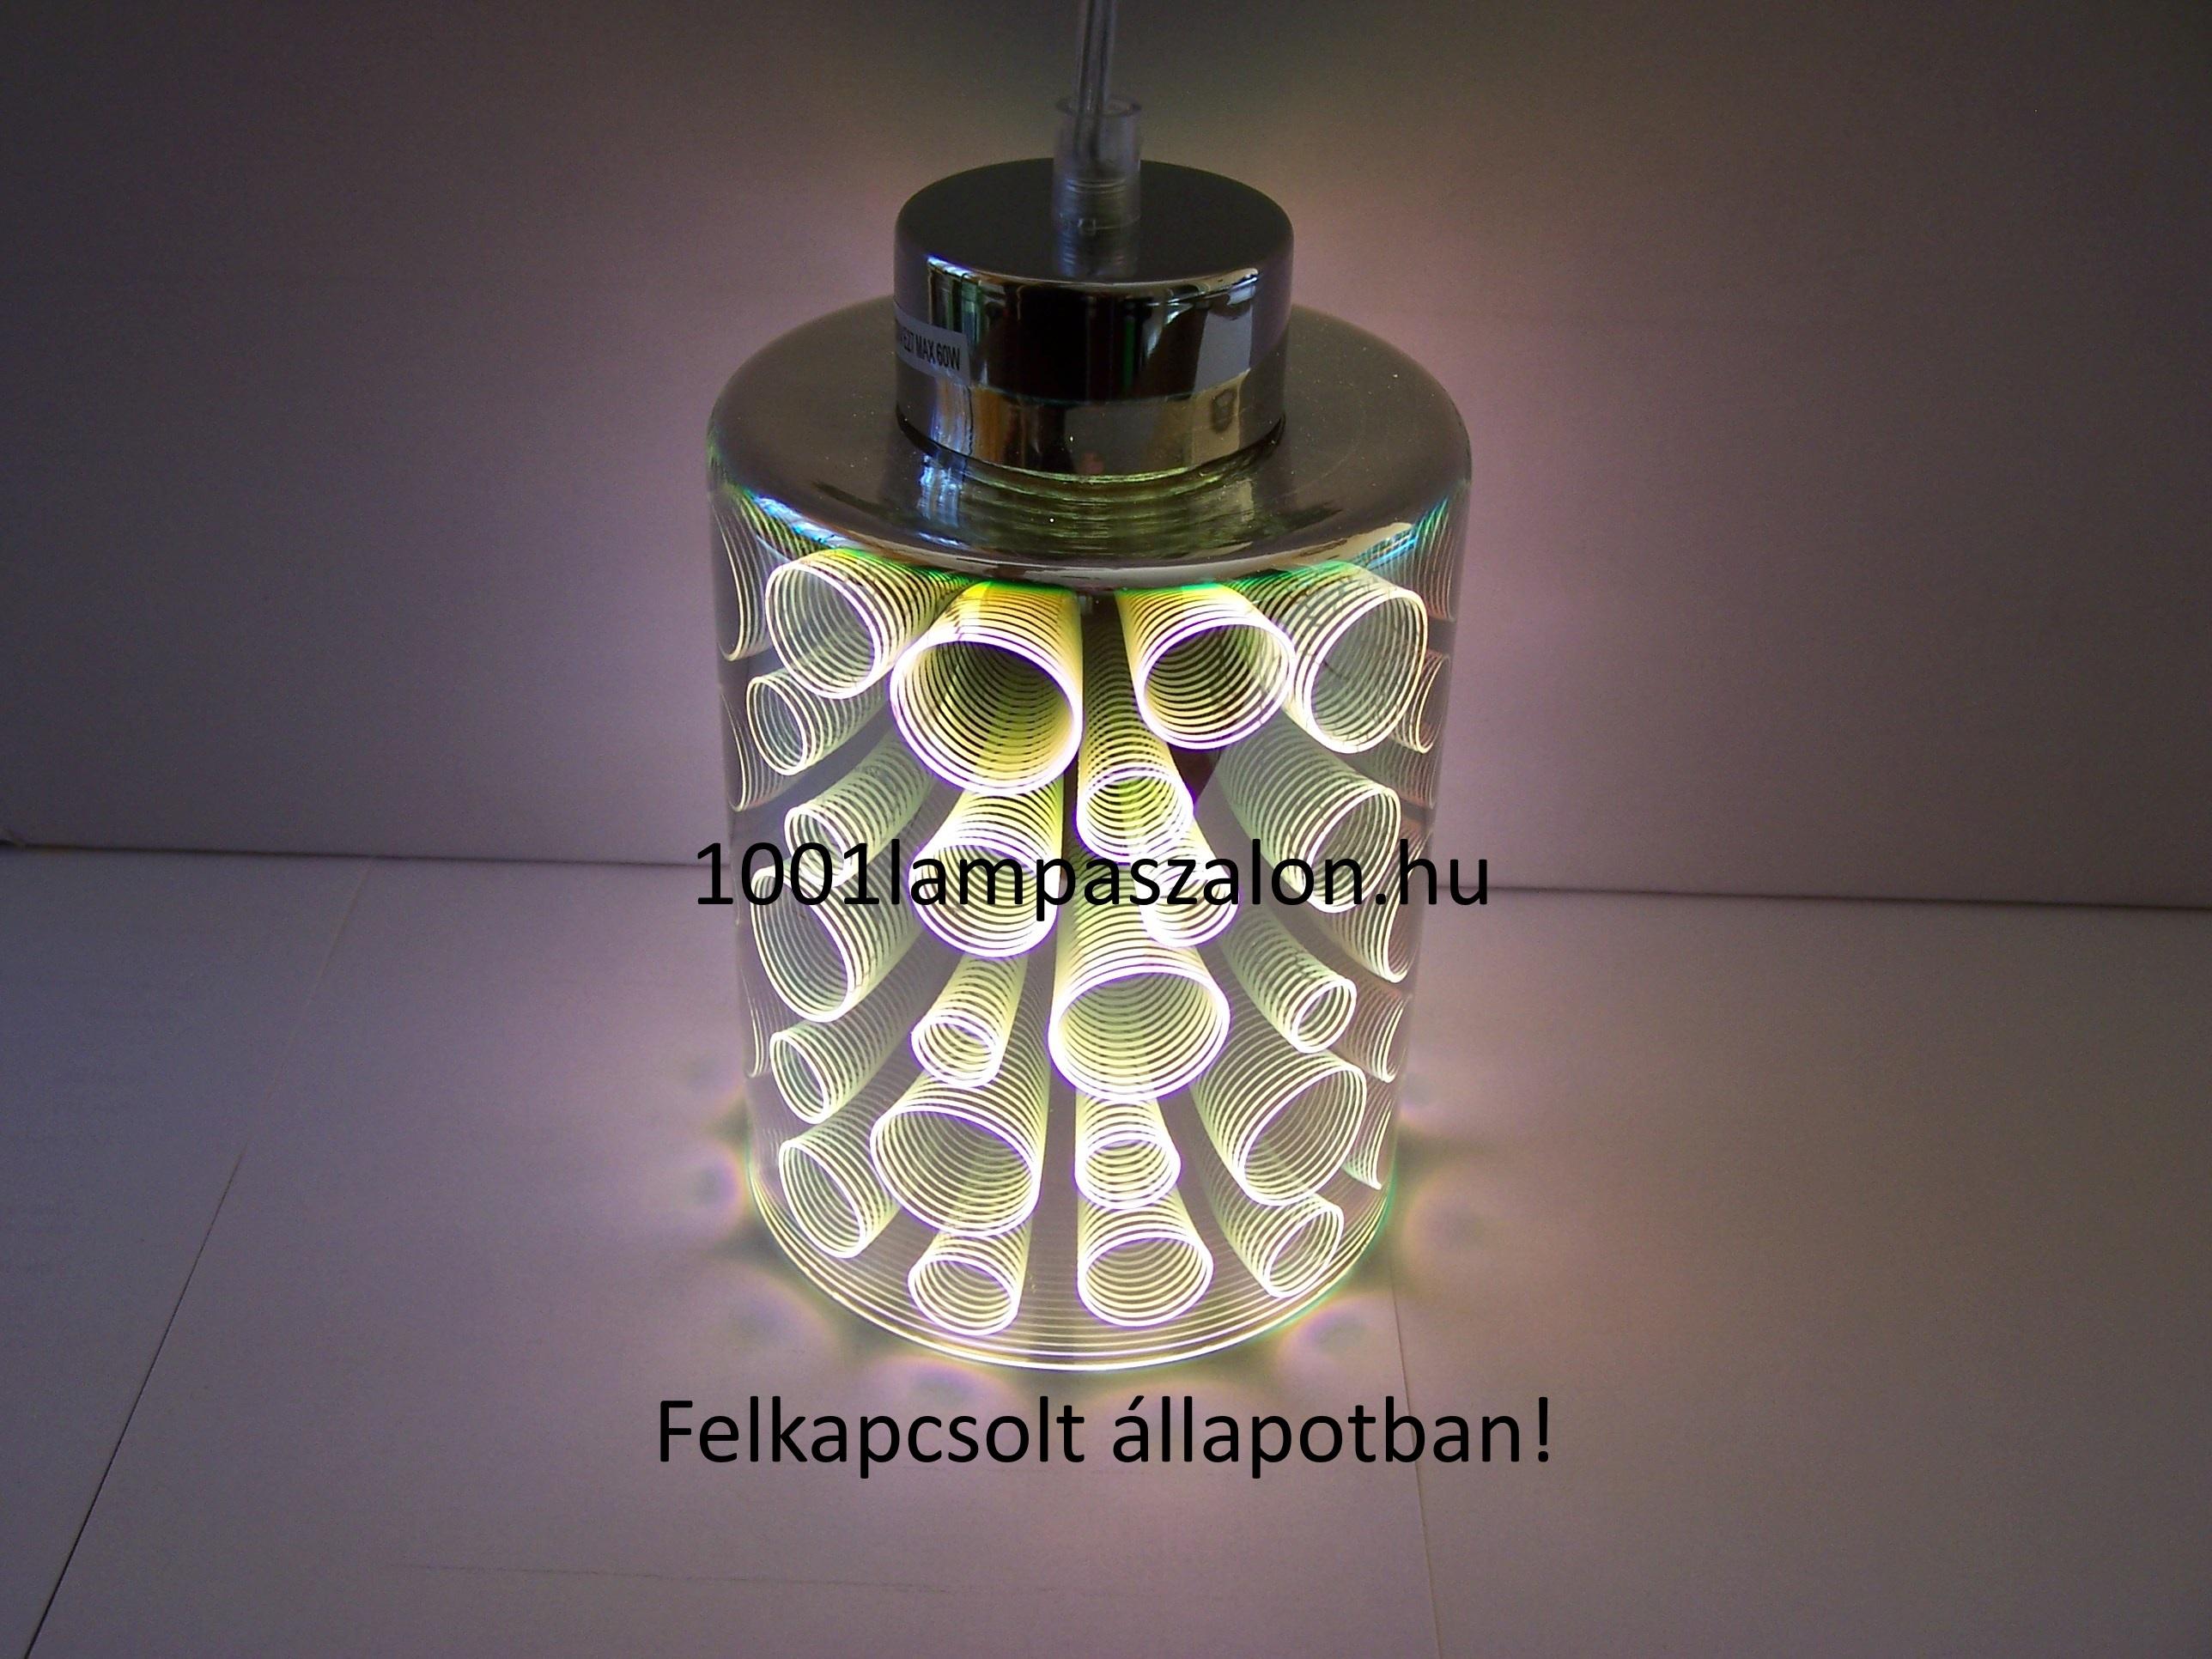 Candellux 33-57709 Nocturno 3 izzós lámpa függeszték / Candellux lámpák /